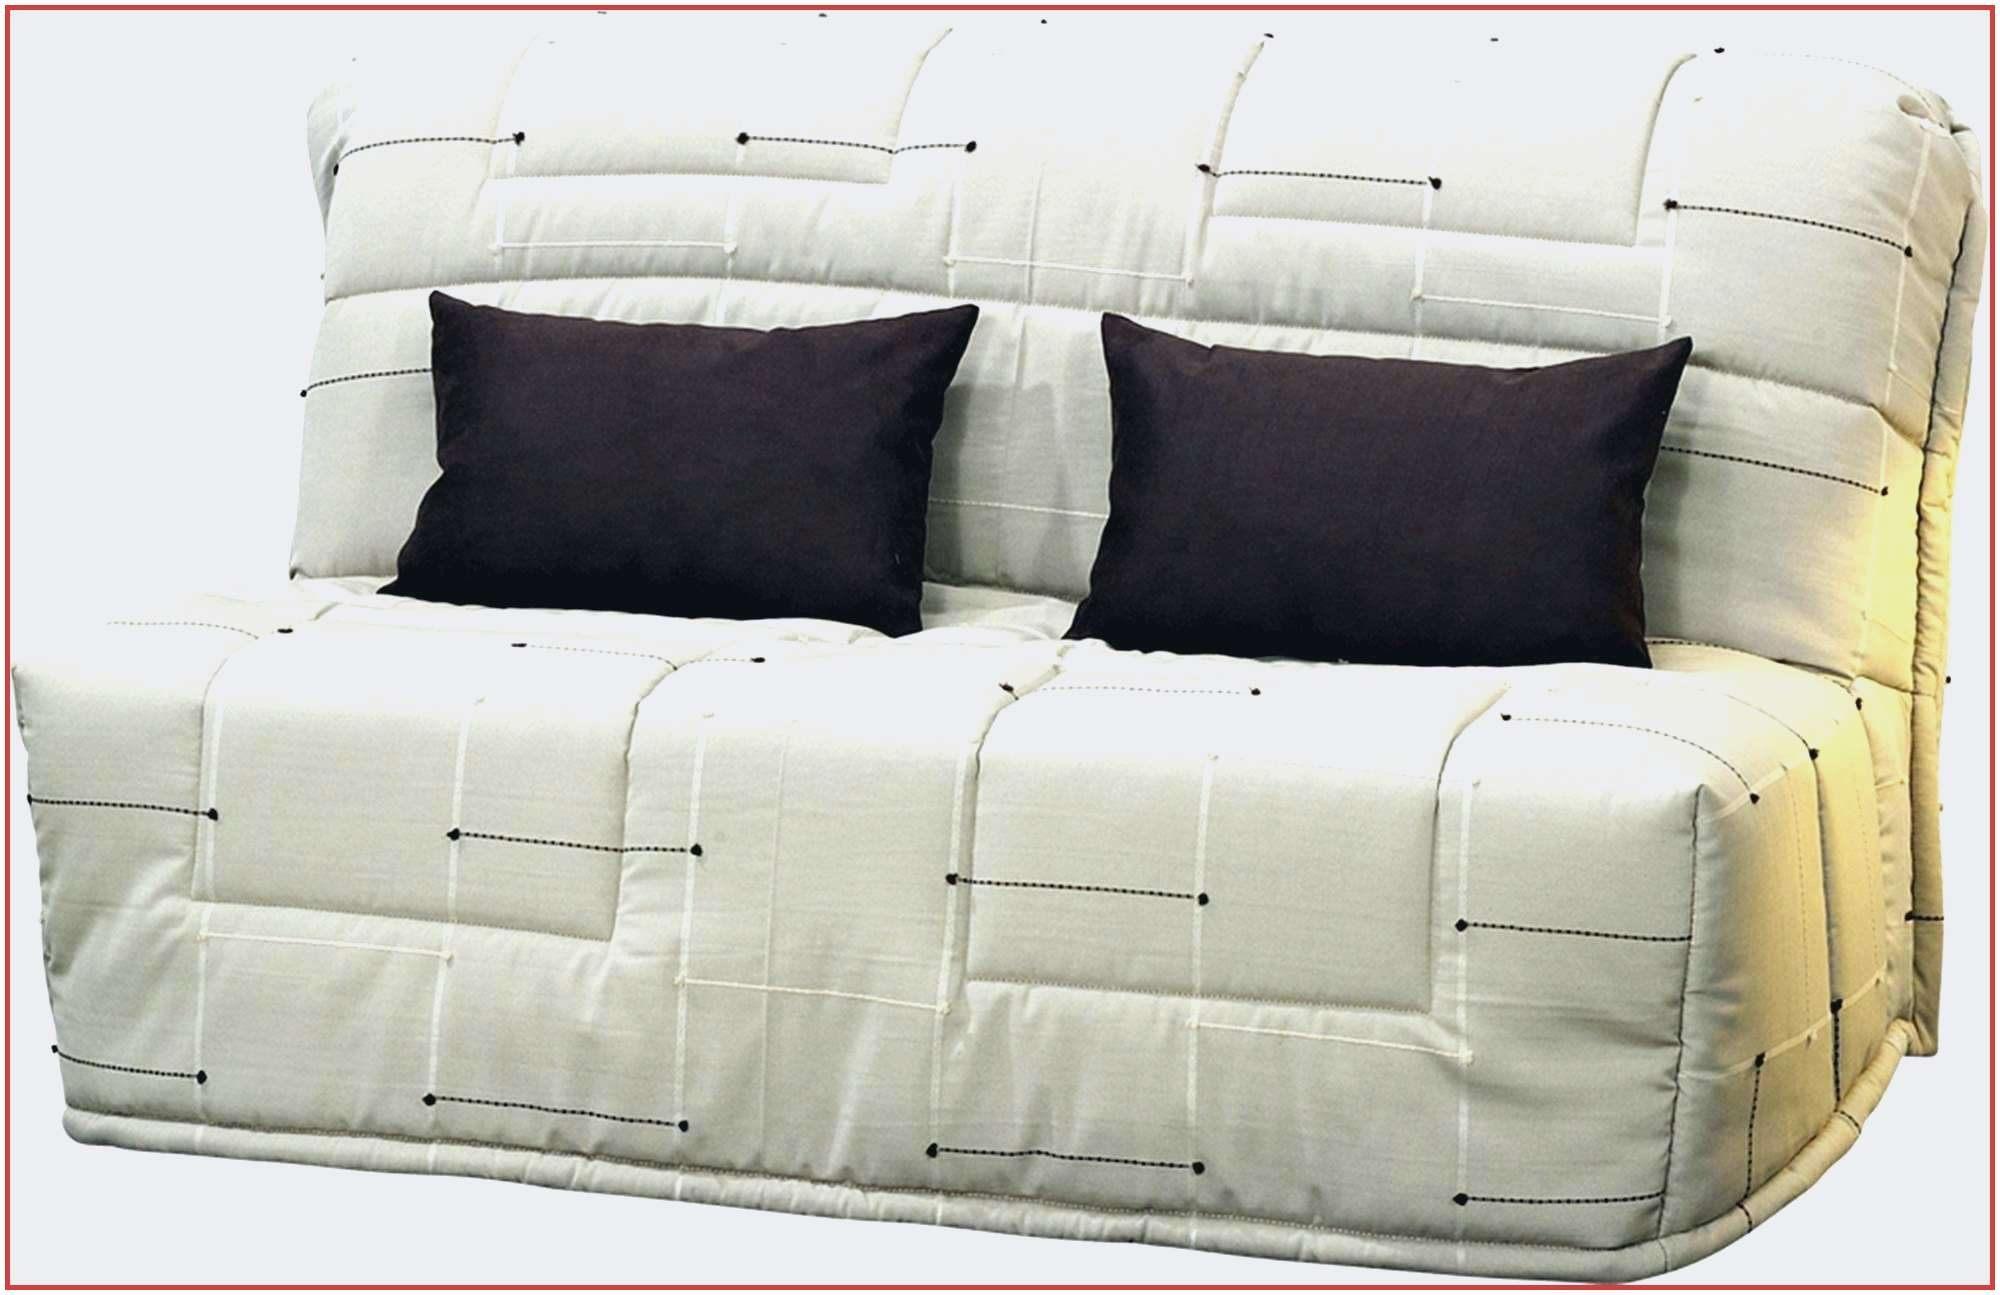 Canapé Lit Design Nouveau Le Meilleur De Fly Canape Lit Luxury Charmant Conforama Canape Lit